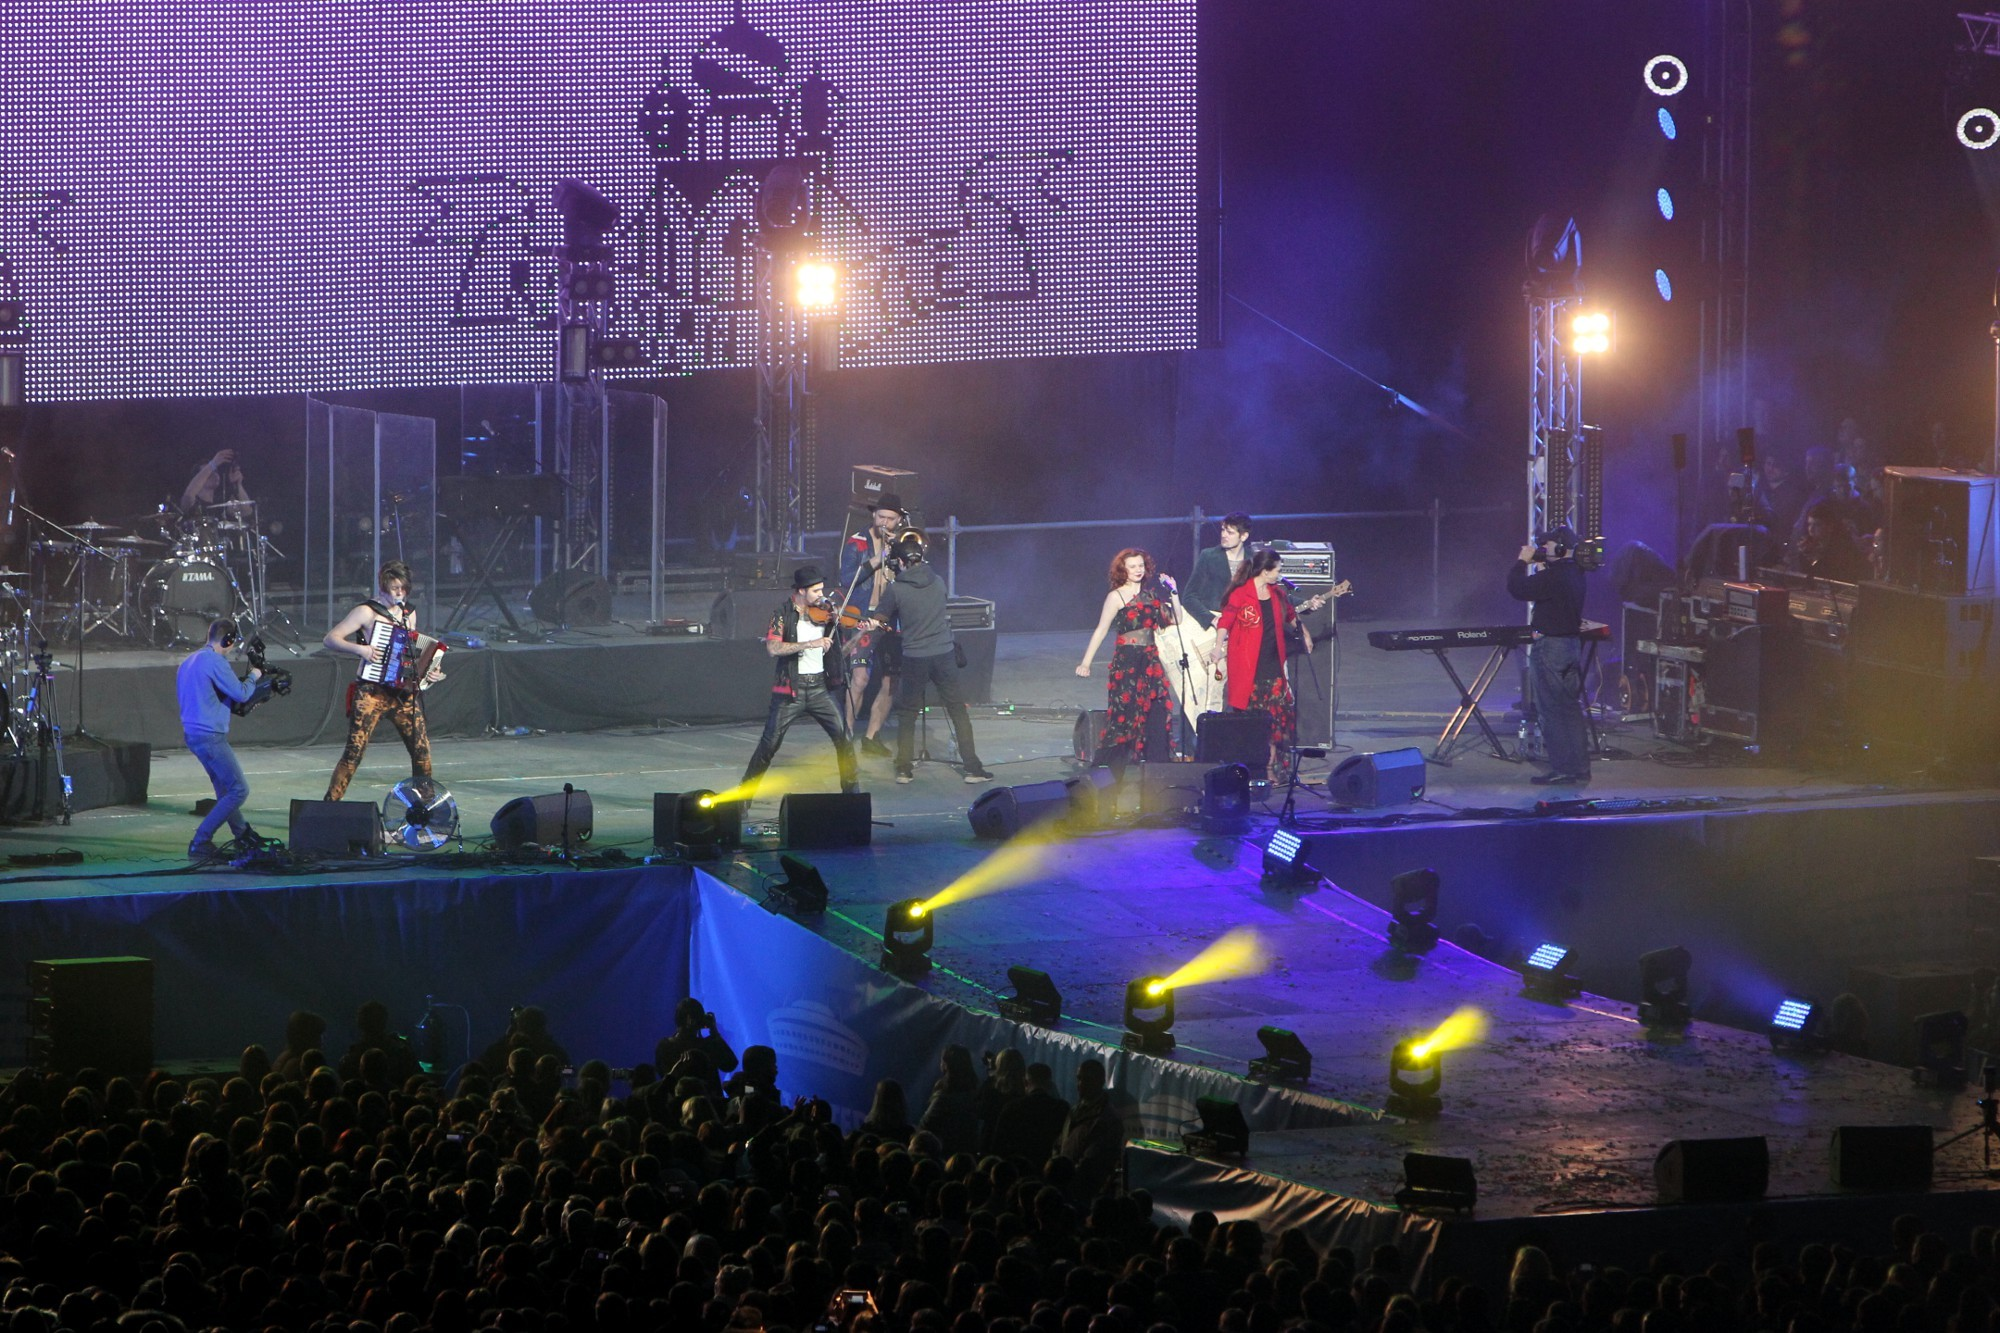 стадион на крестовском зенит-арена концерт фестиваль радио зенит группа шляпники hatters